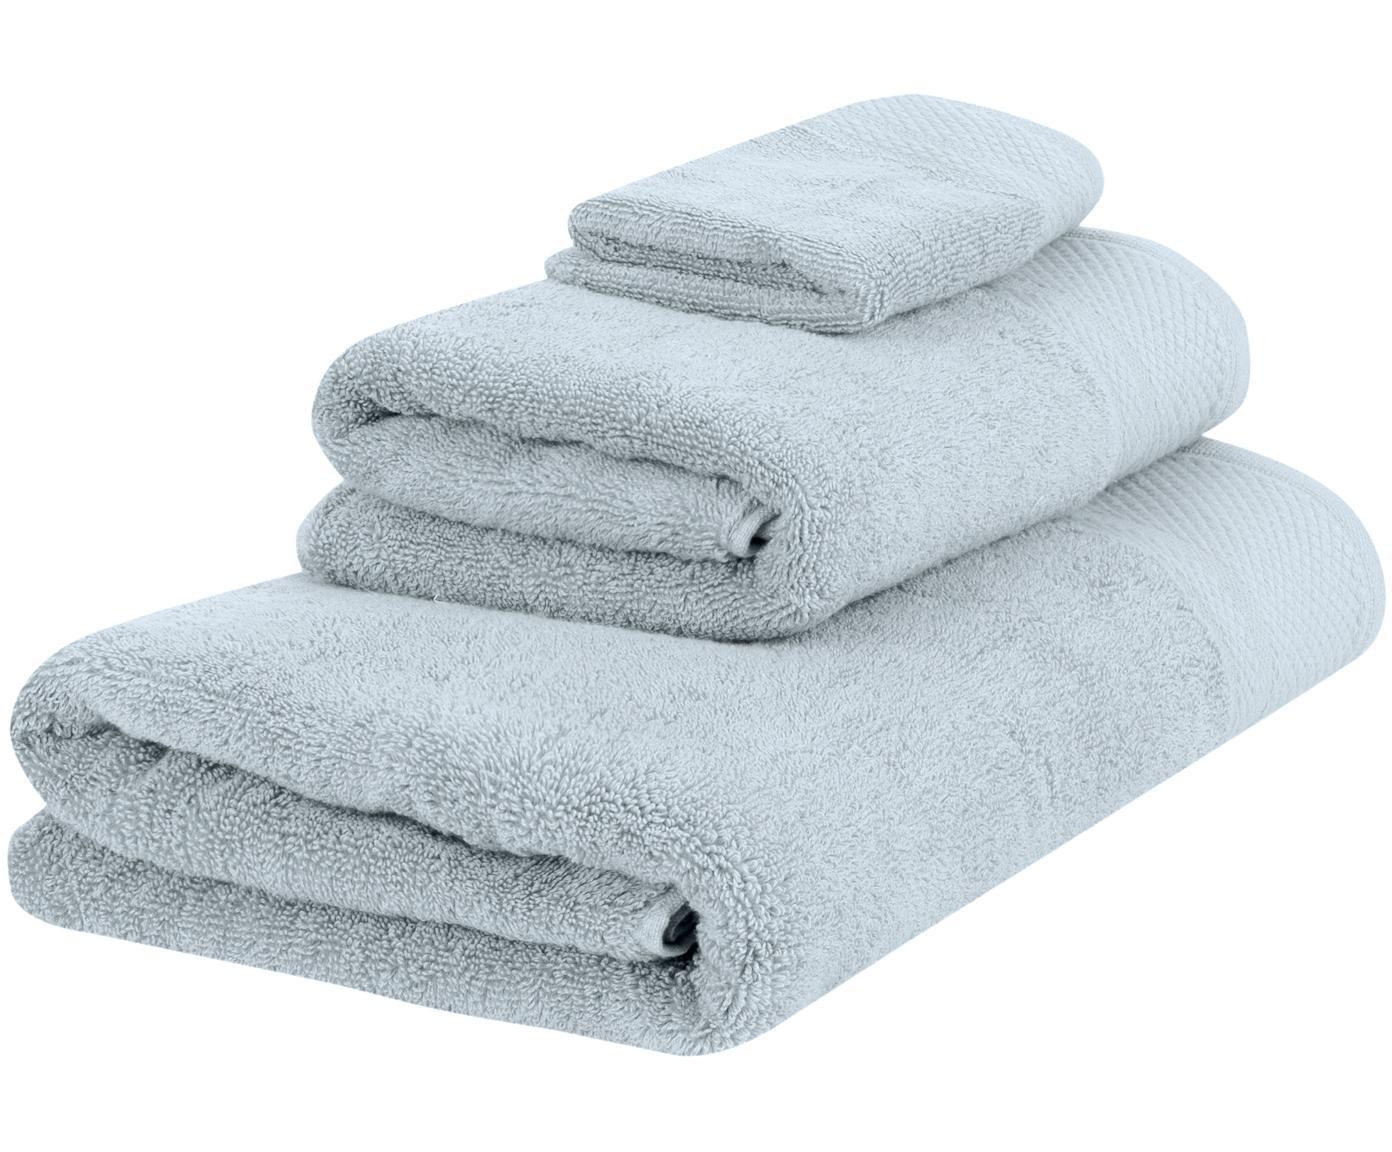 Set de toallas con cenefa clásica Premium, 3pzas., 100%algodón Gramaje superior 600g/m², Azul claro, Tamaños diferentes